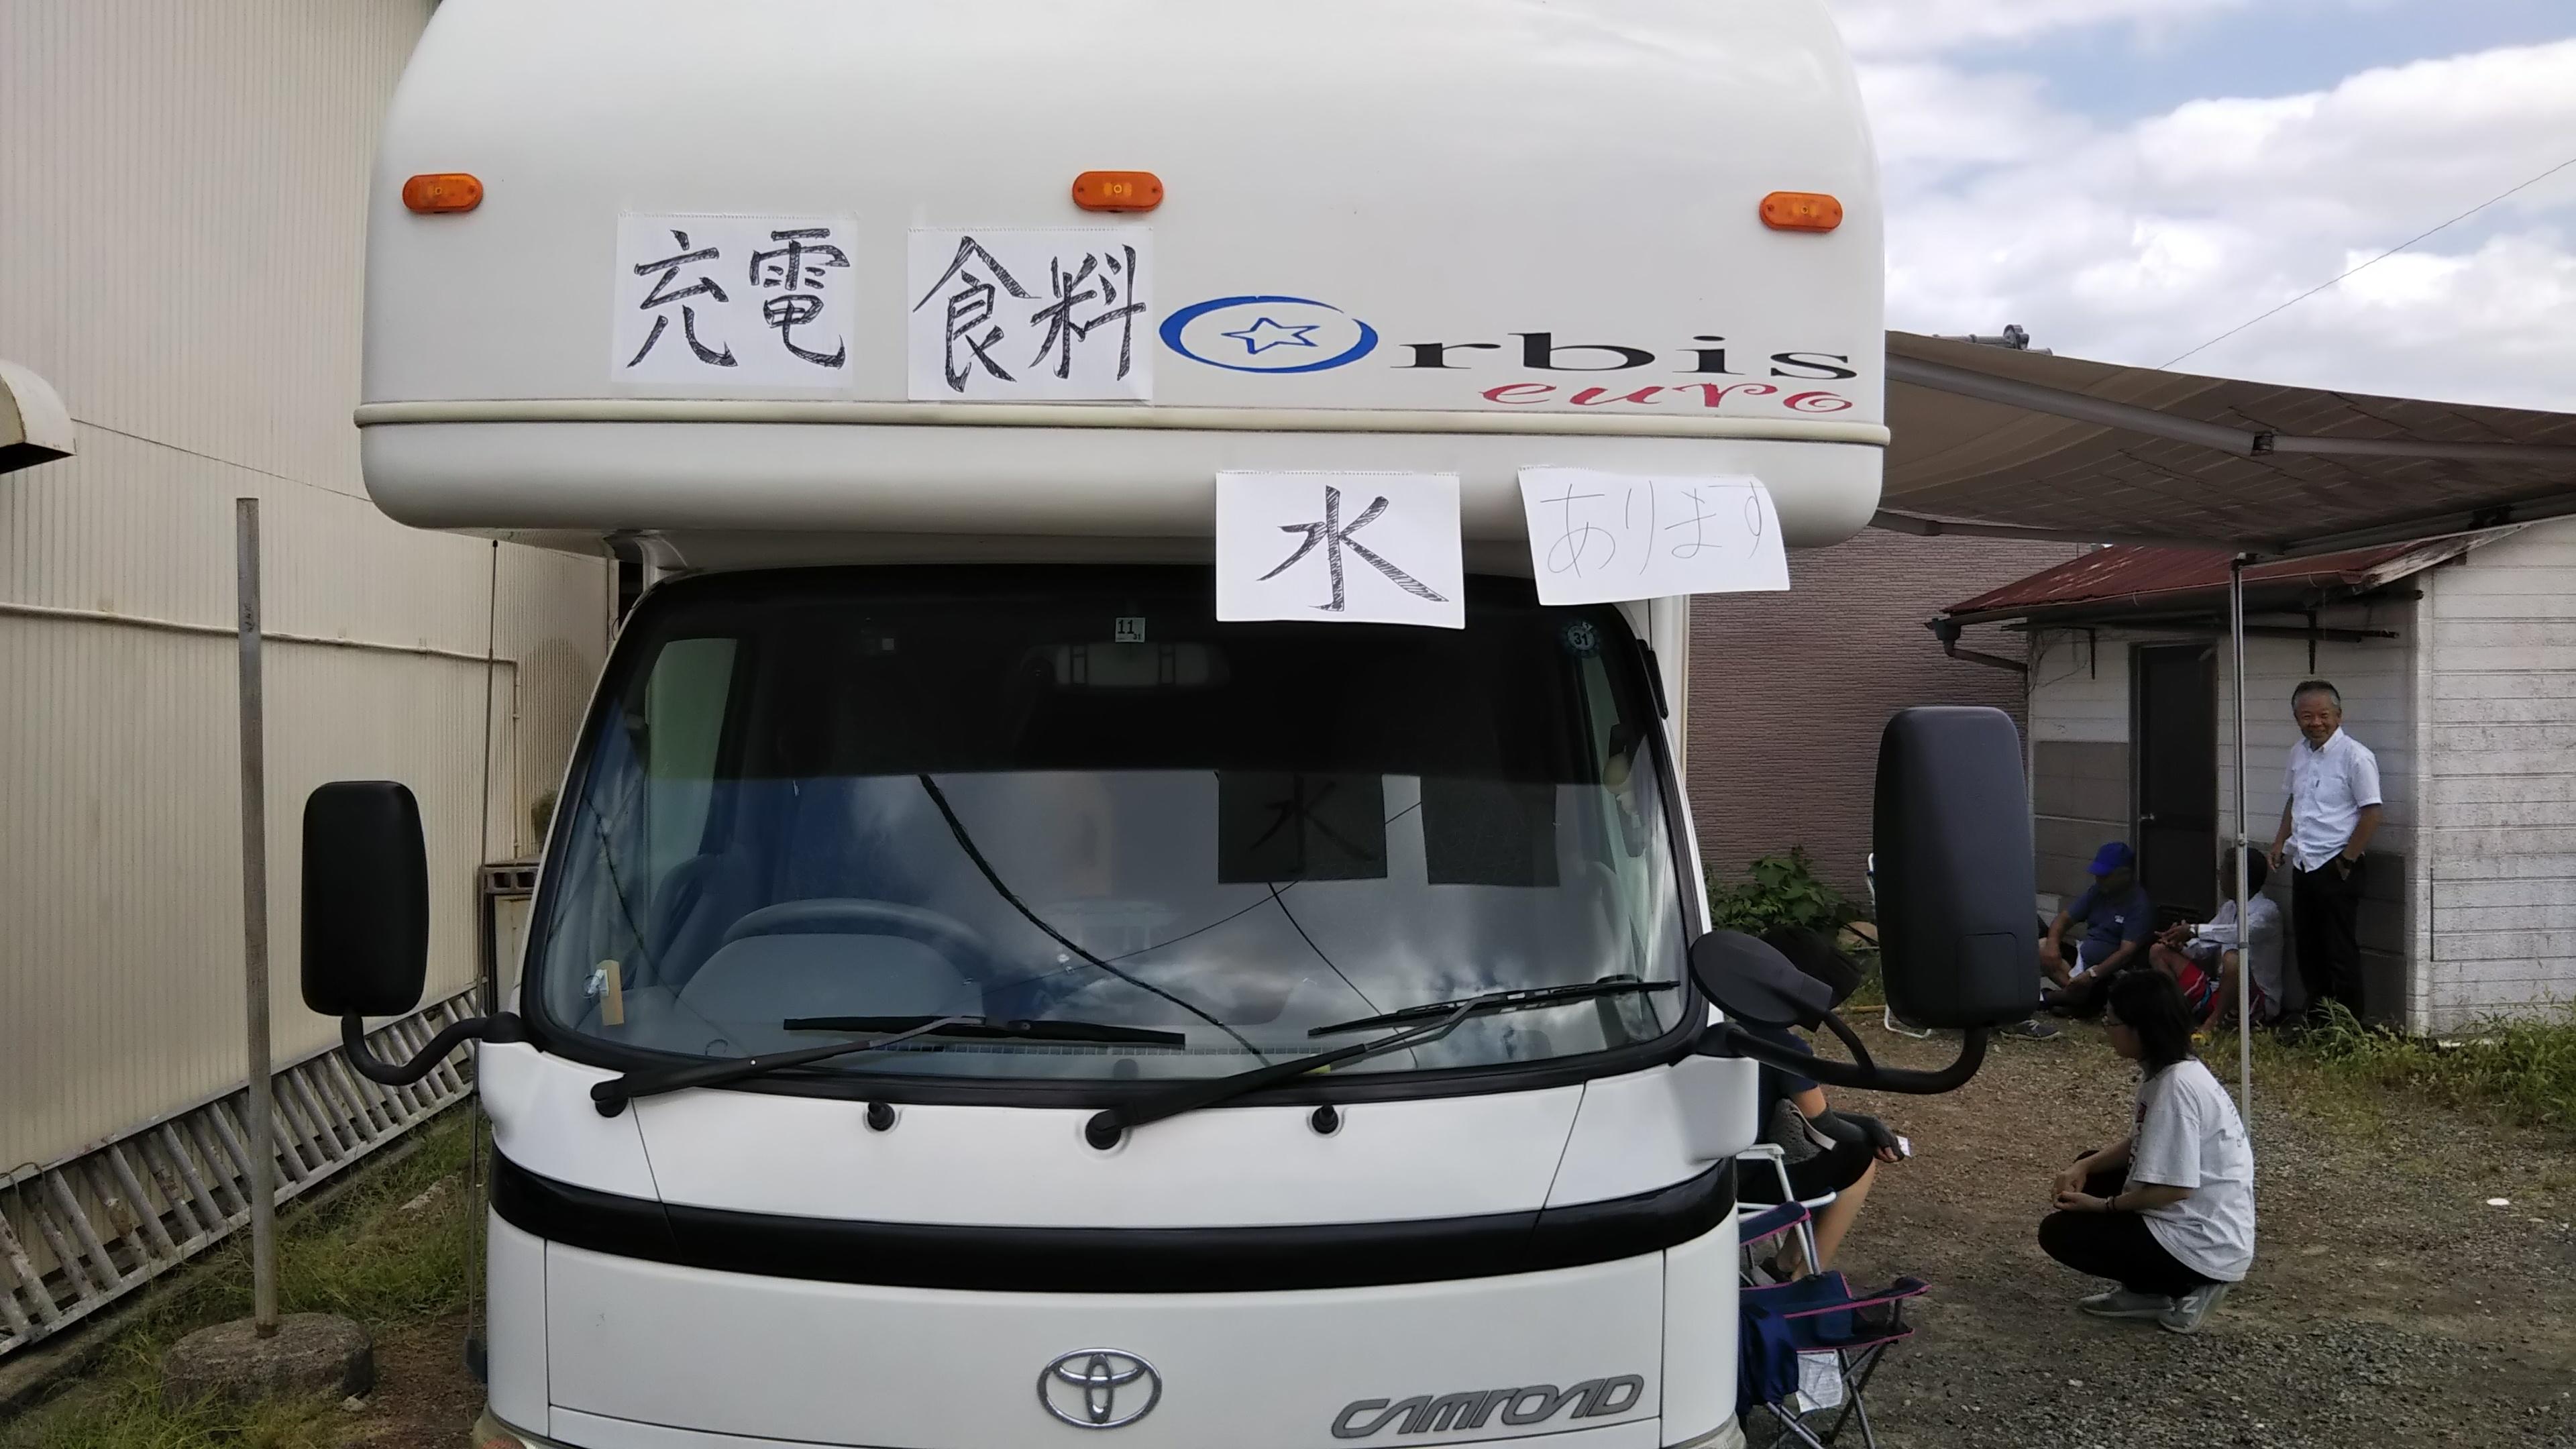 災害時にキャンピングカーにできること~台風15号の災害支援活動を経験して~